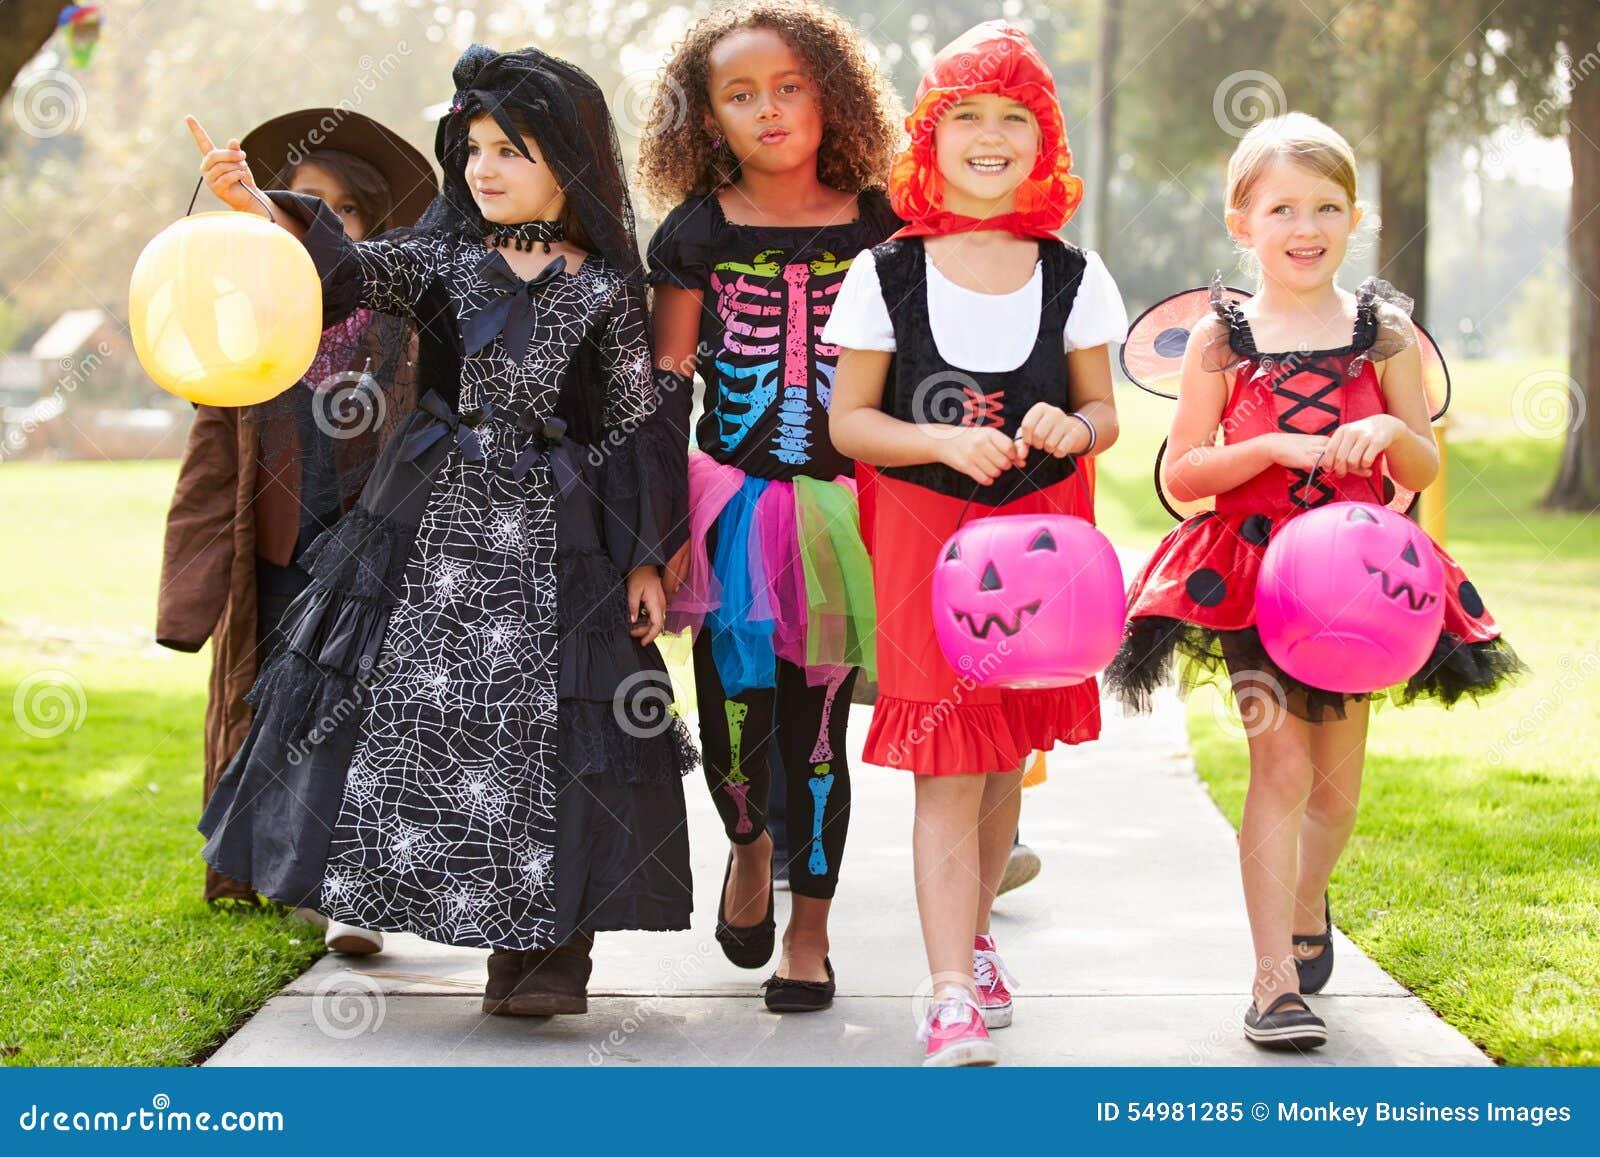 Barn, i trick eller behandling för utsmyckad dräktklänning gående